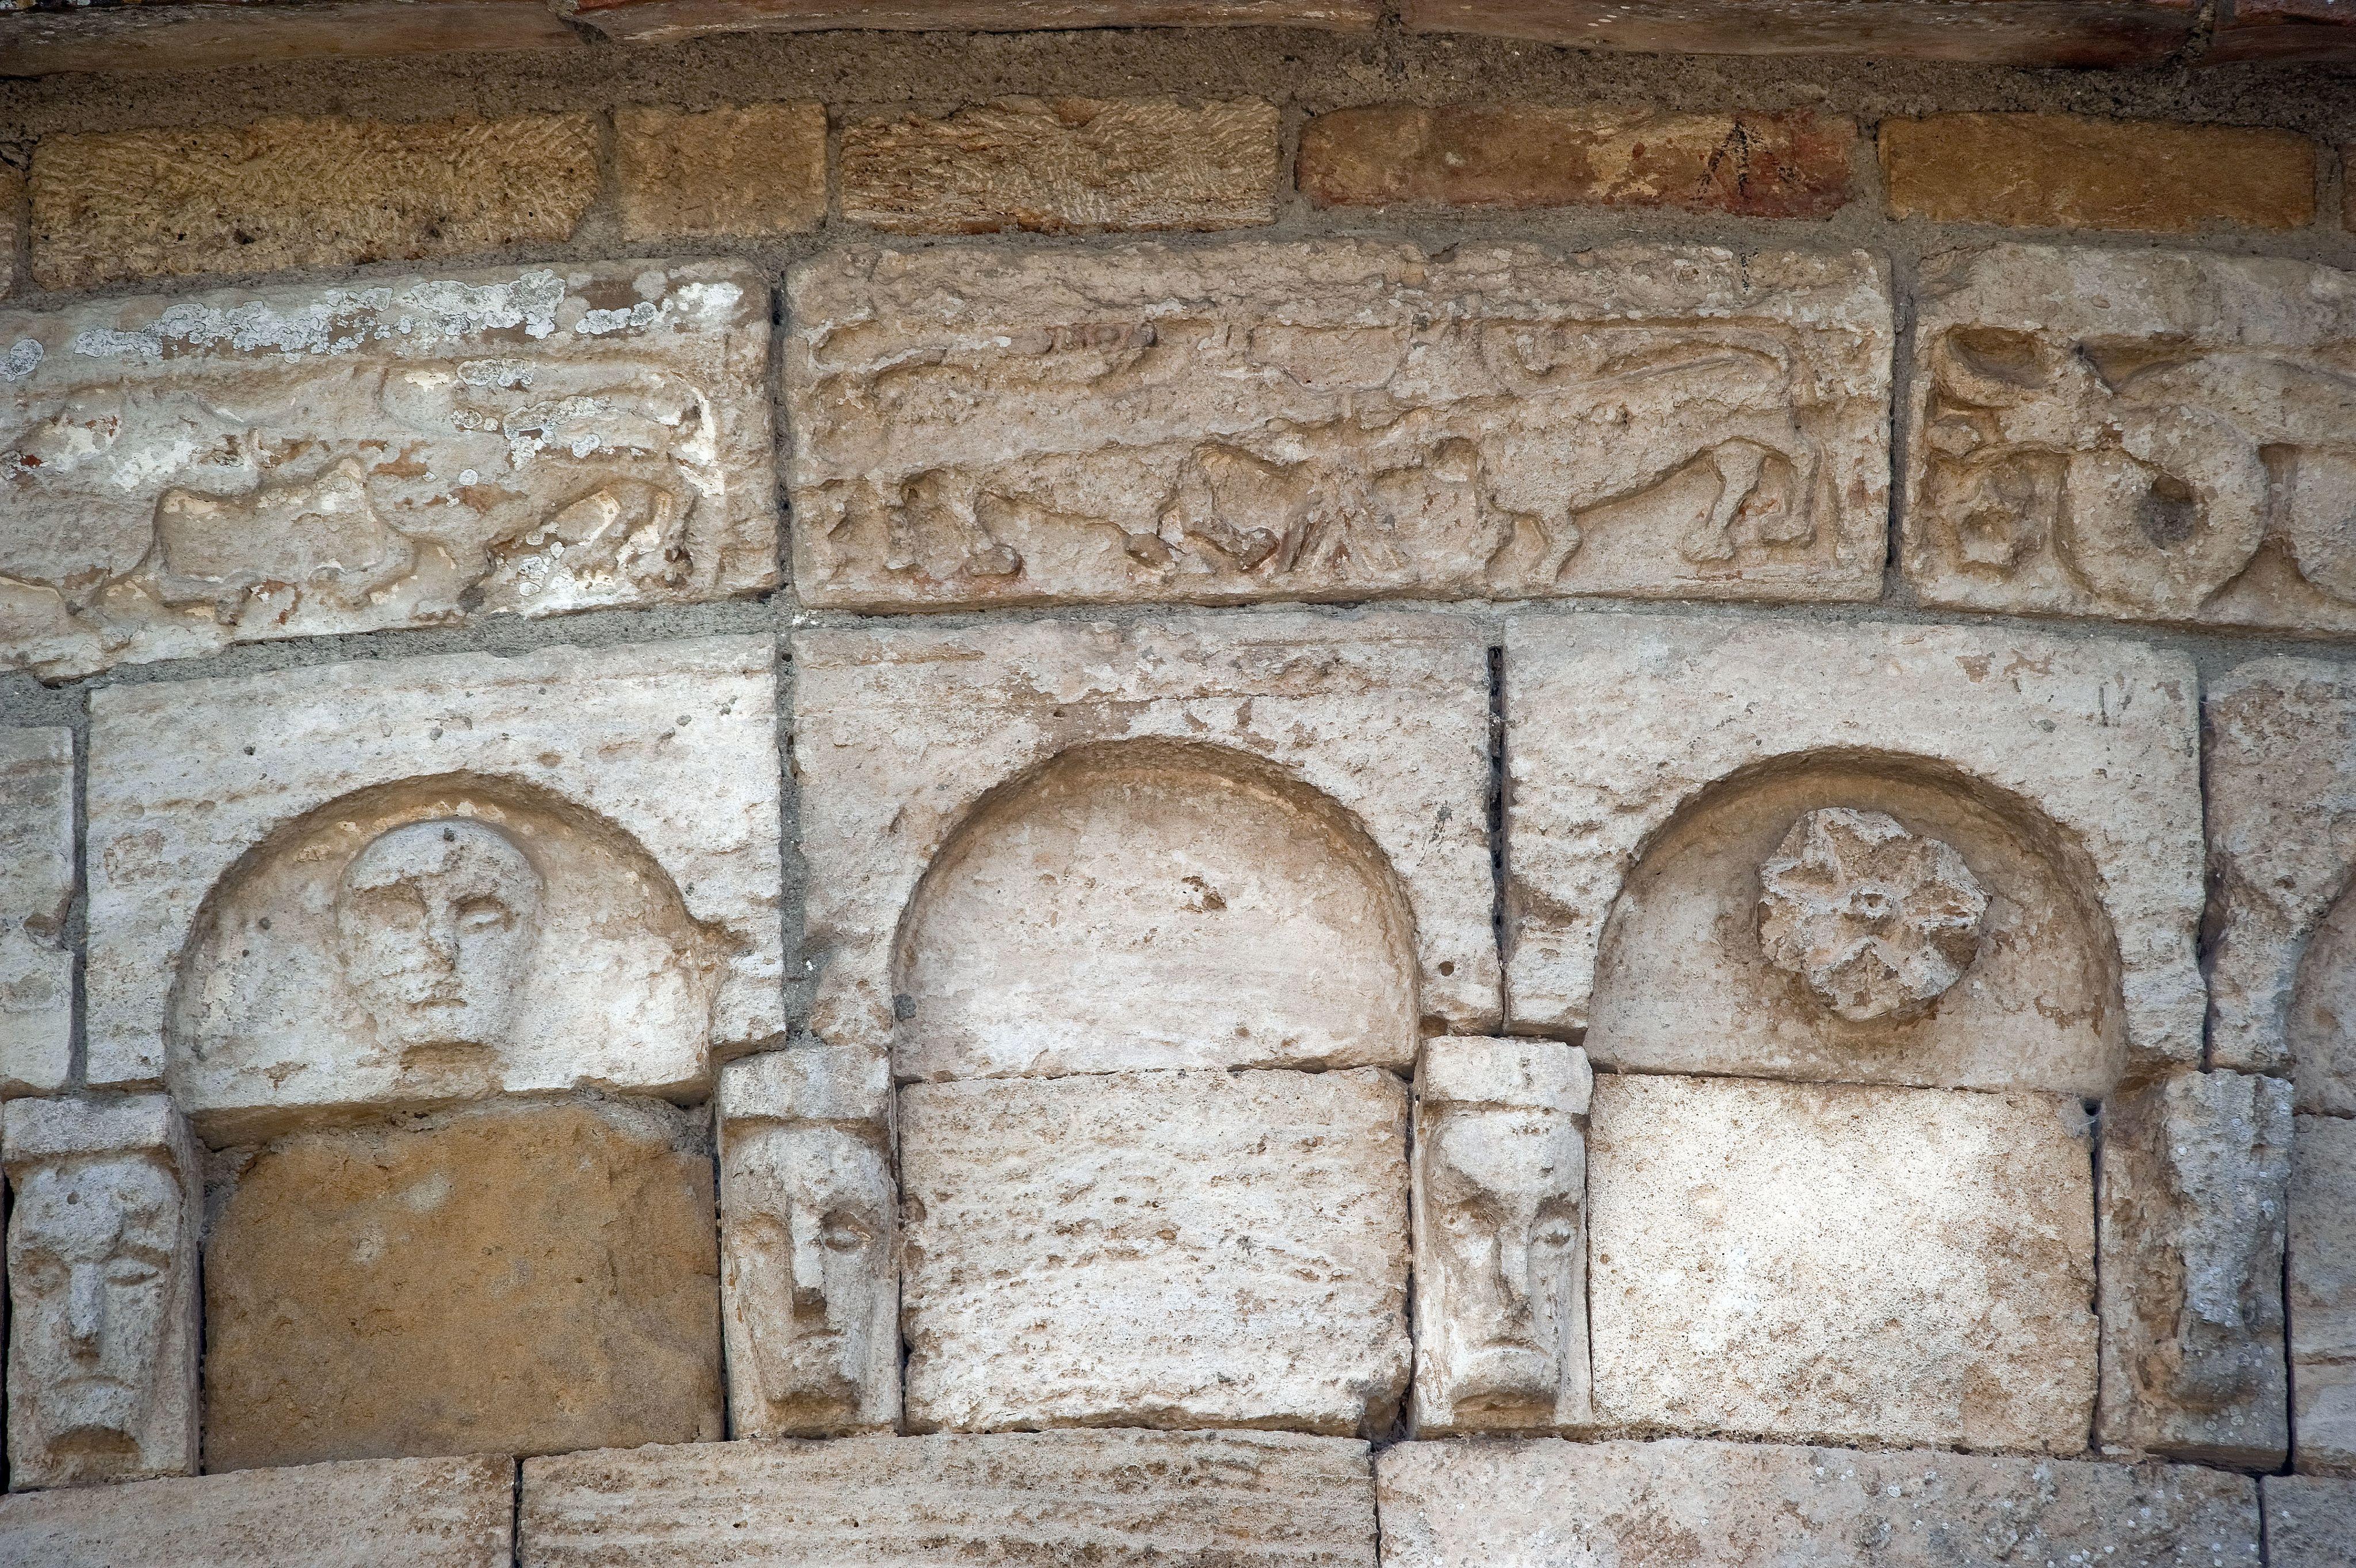 Decorazioni del tiburio dell' Abbazia di santa Maria Assunta a Conèo, Colle Val d'Elsa